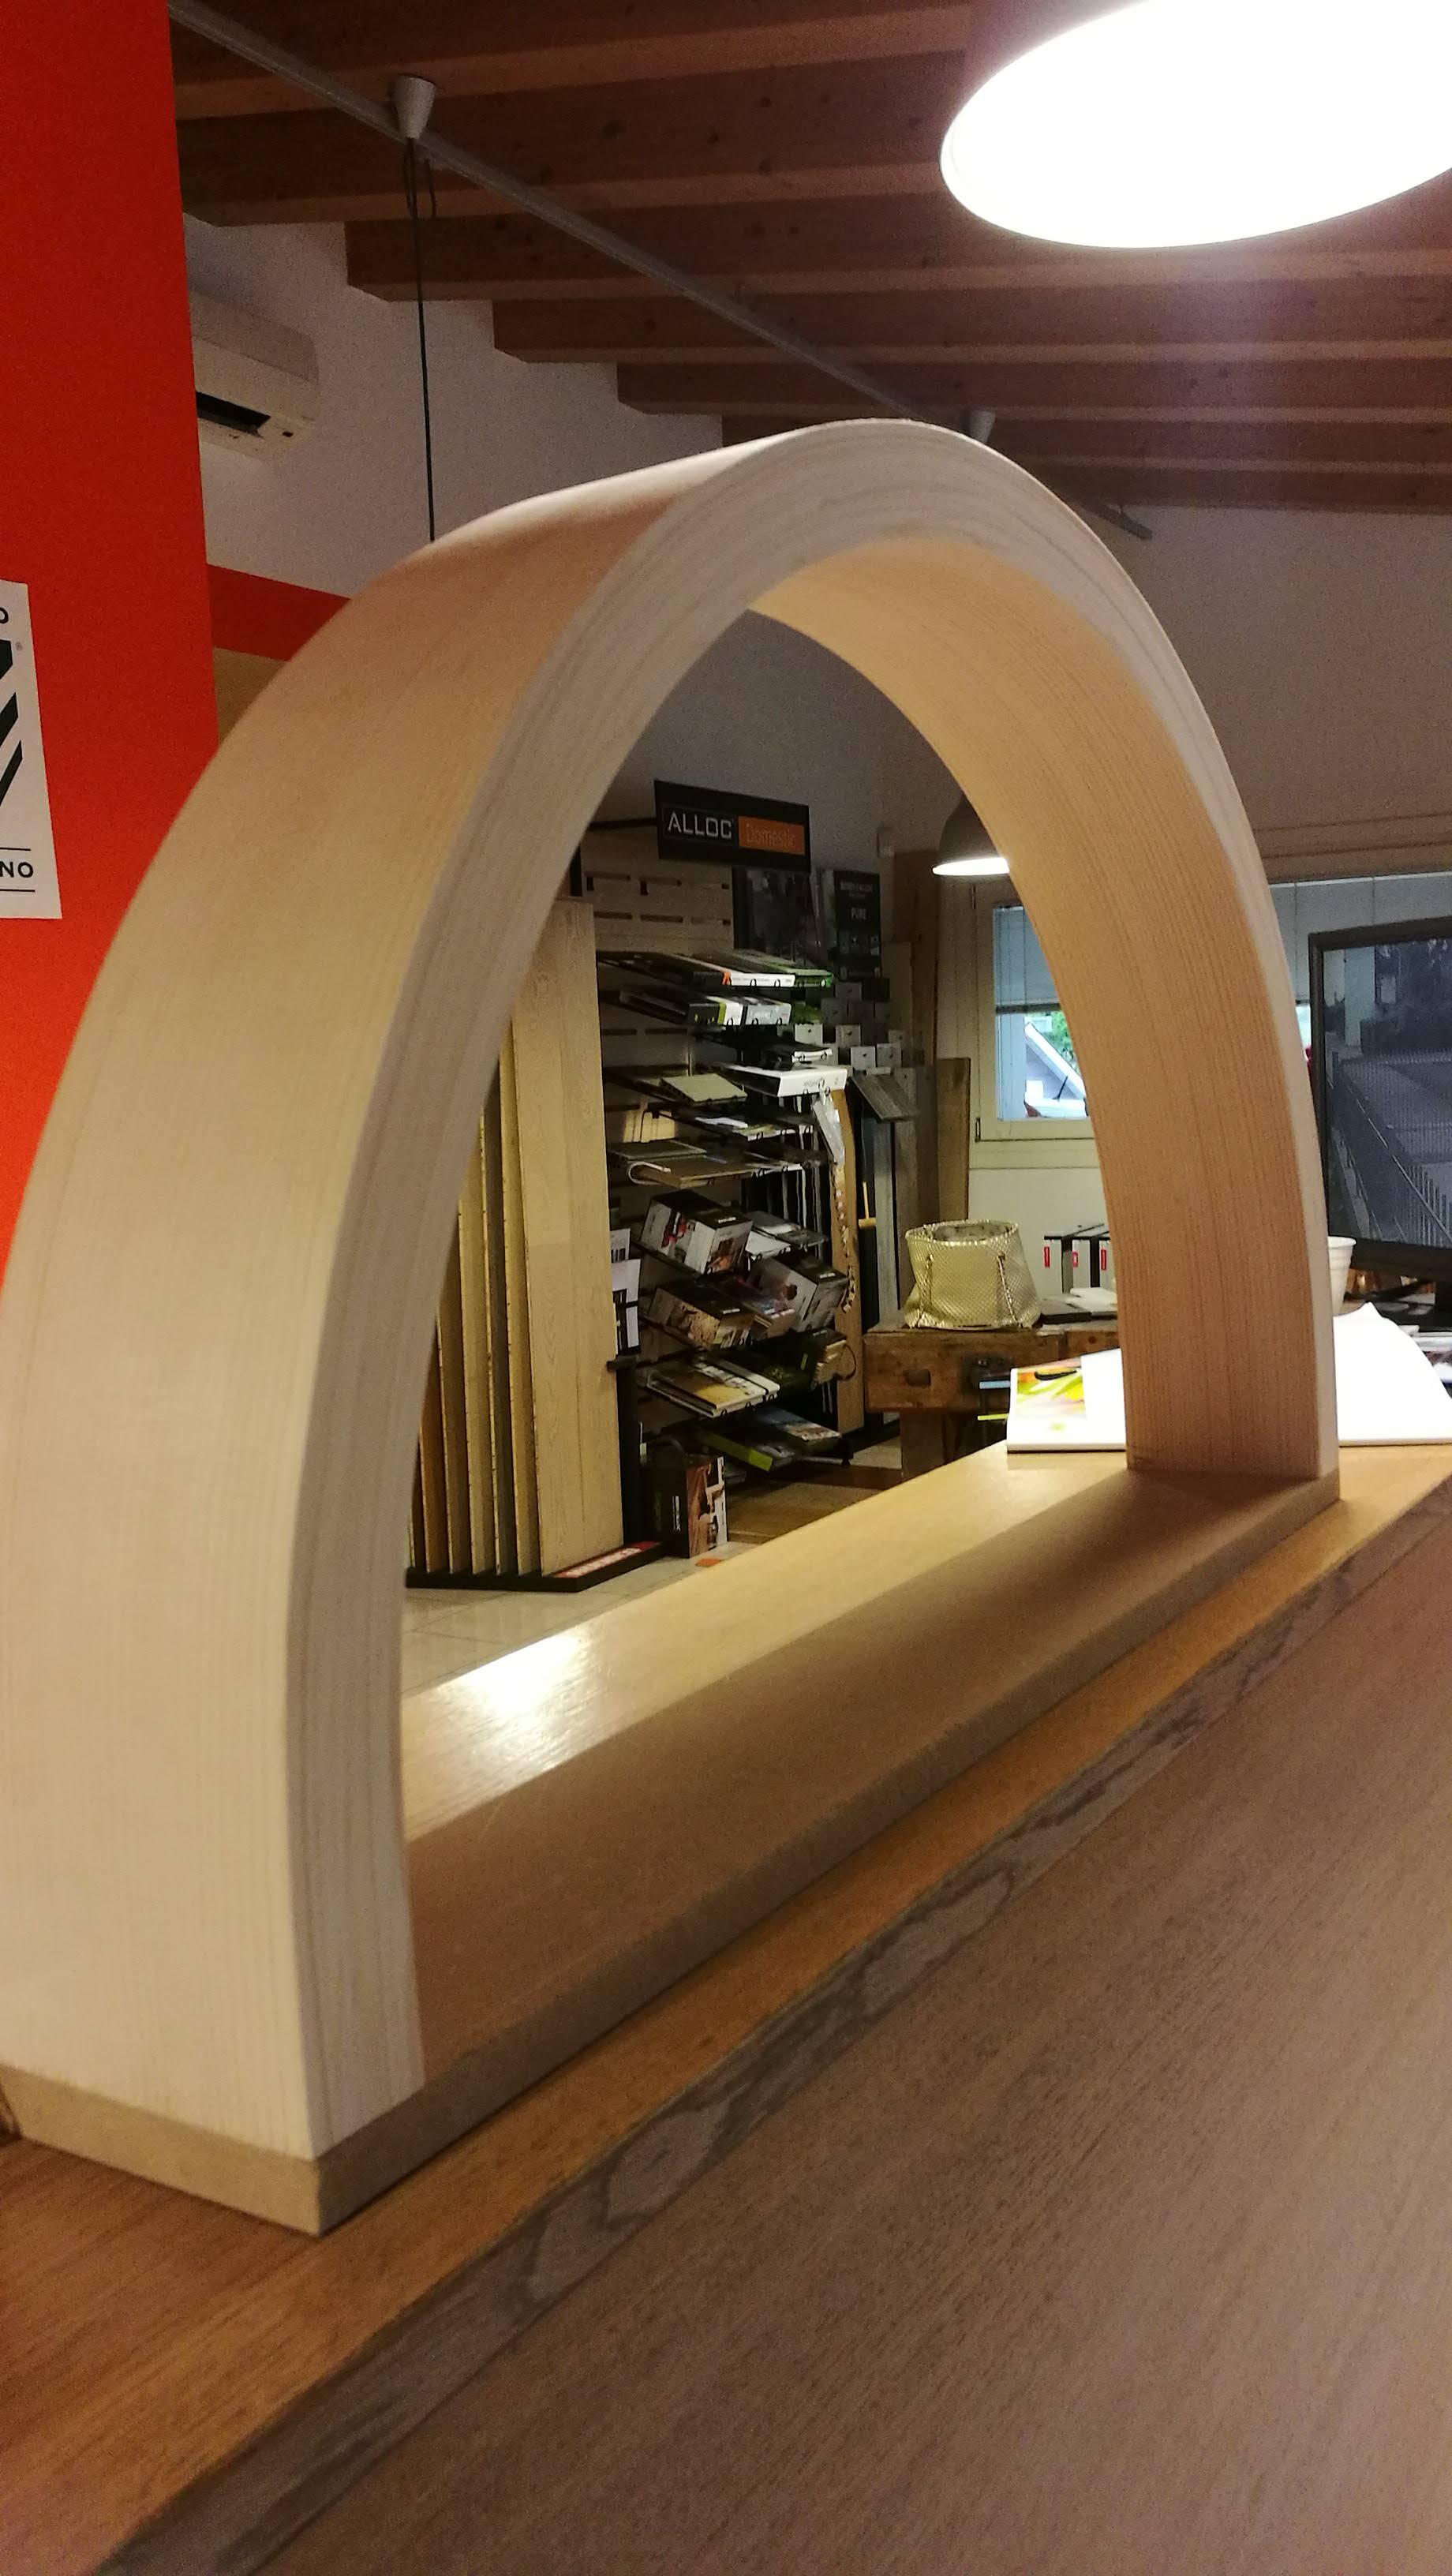 STIPITE ARCATO - Crocco Profili in legno